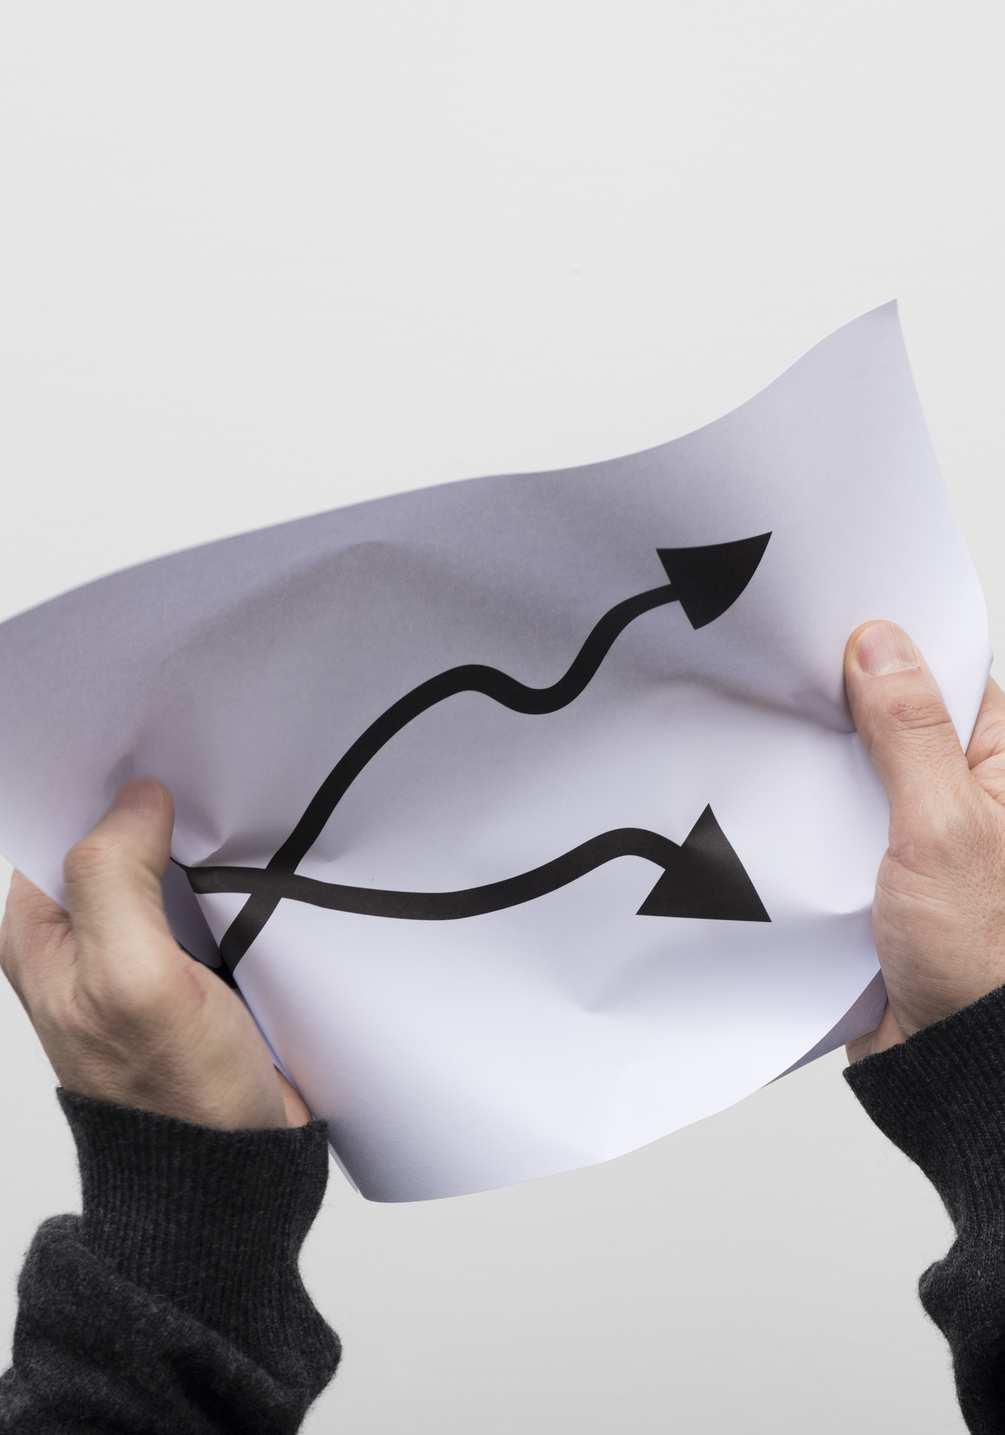 flux-letterhead-4-1005x1435px